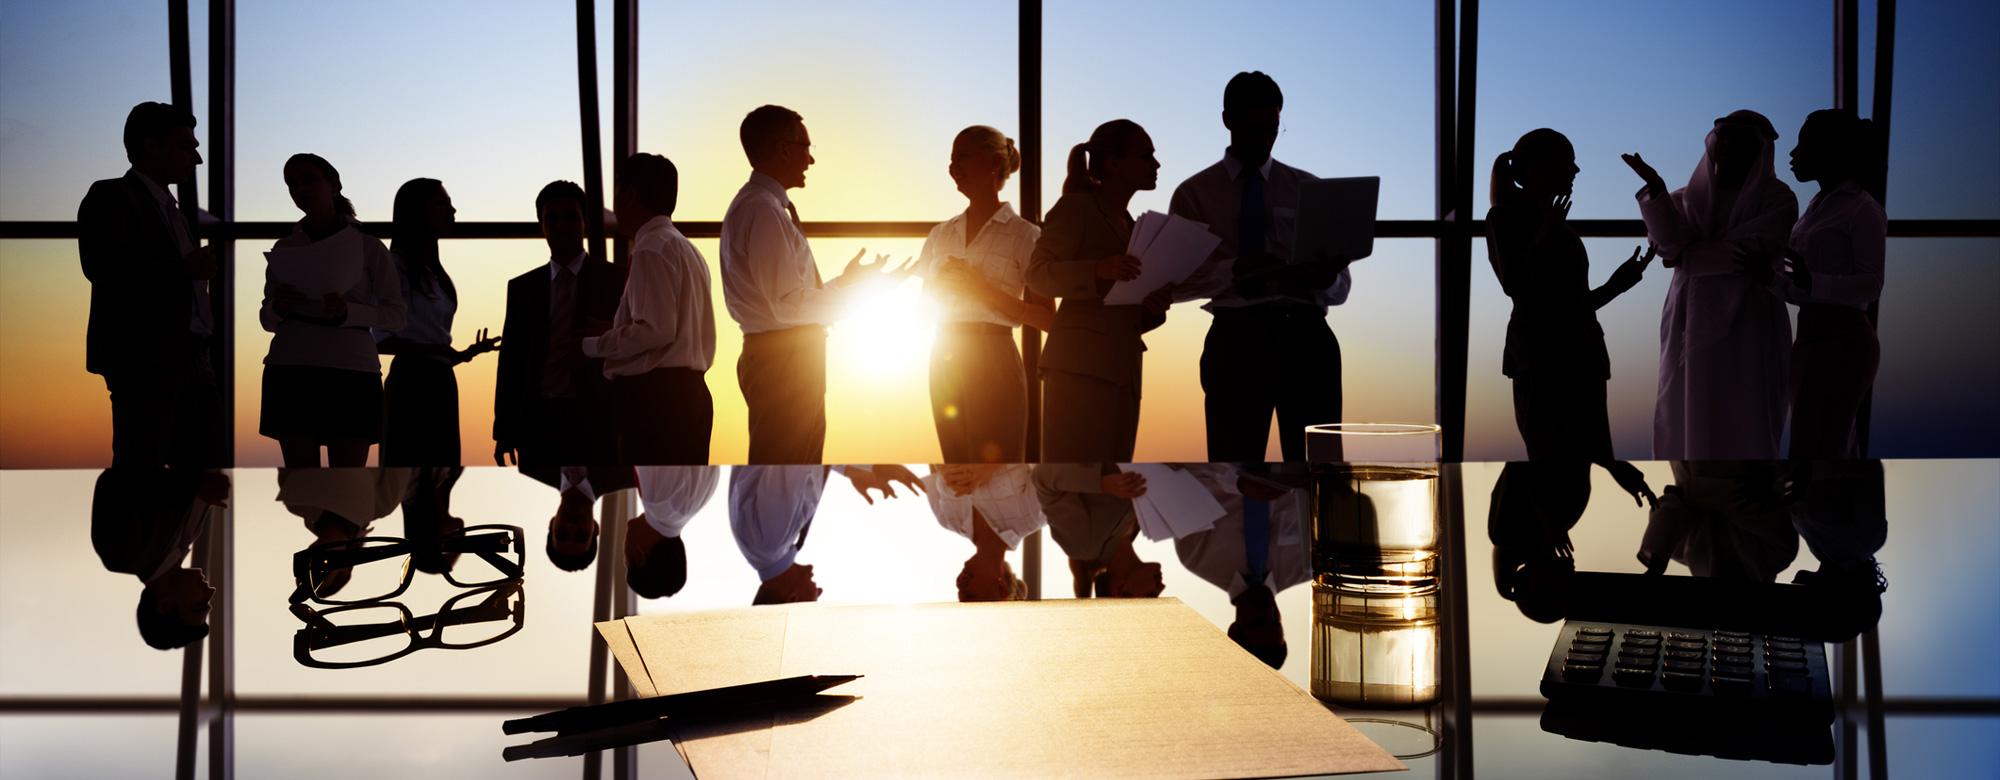 Comitato tecnico Relazioni industriali e affari sociali